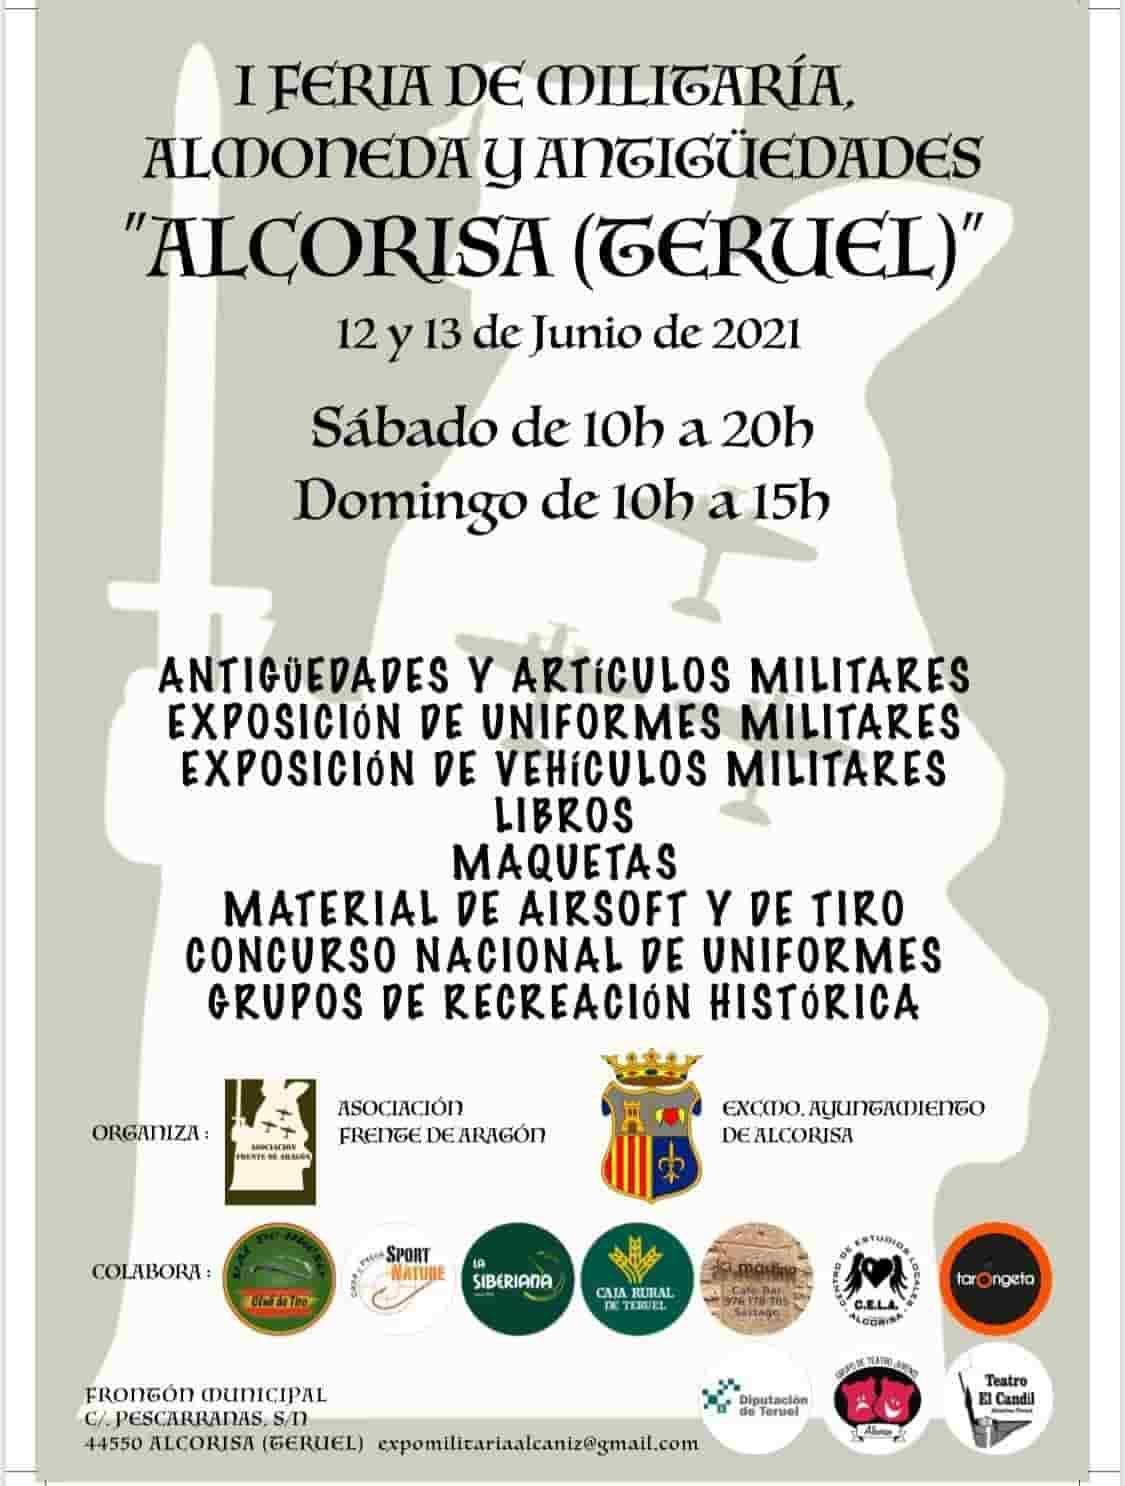 I Feria Militaria Alcorisa 2021